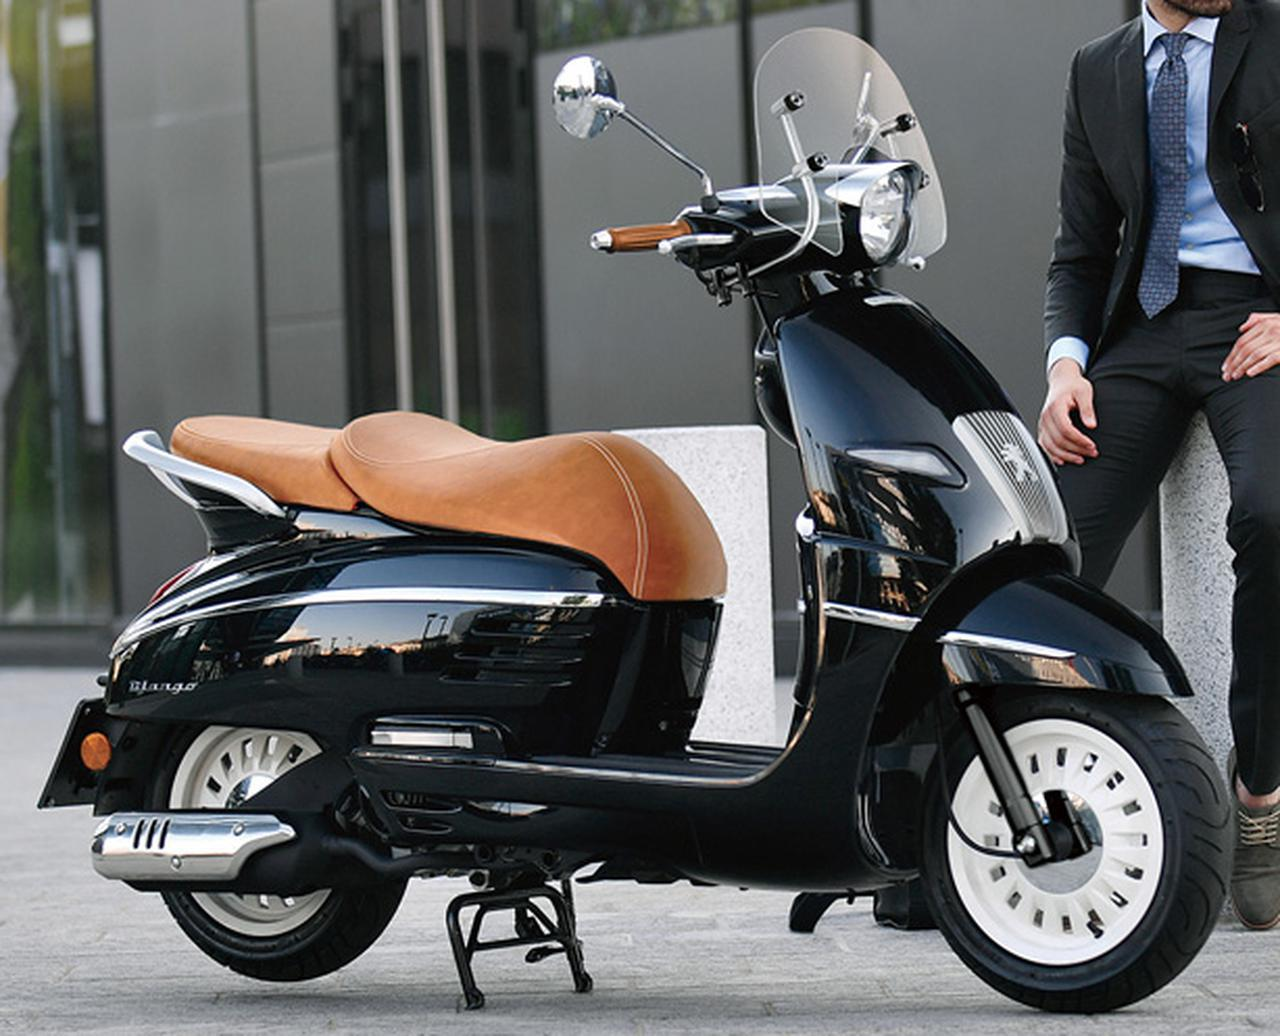 画像: プジョーモトシクル「ジャンゴ125」2021年(前期発表)モデルの情報 - webオートバイ